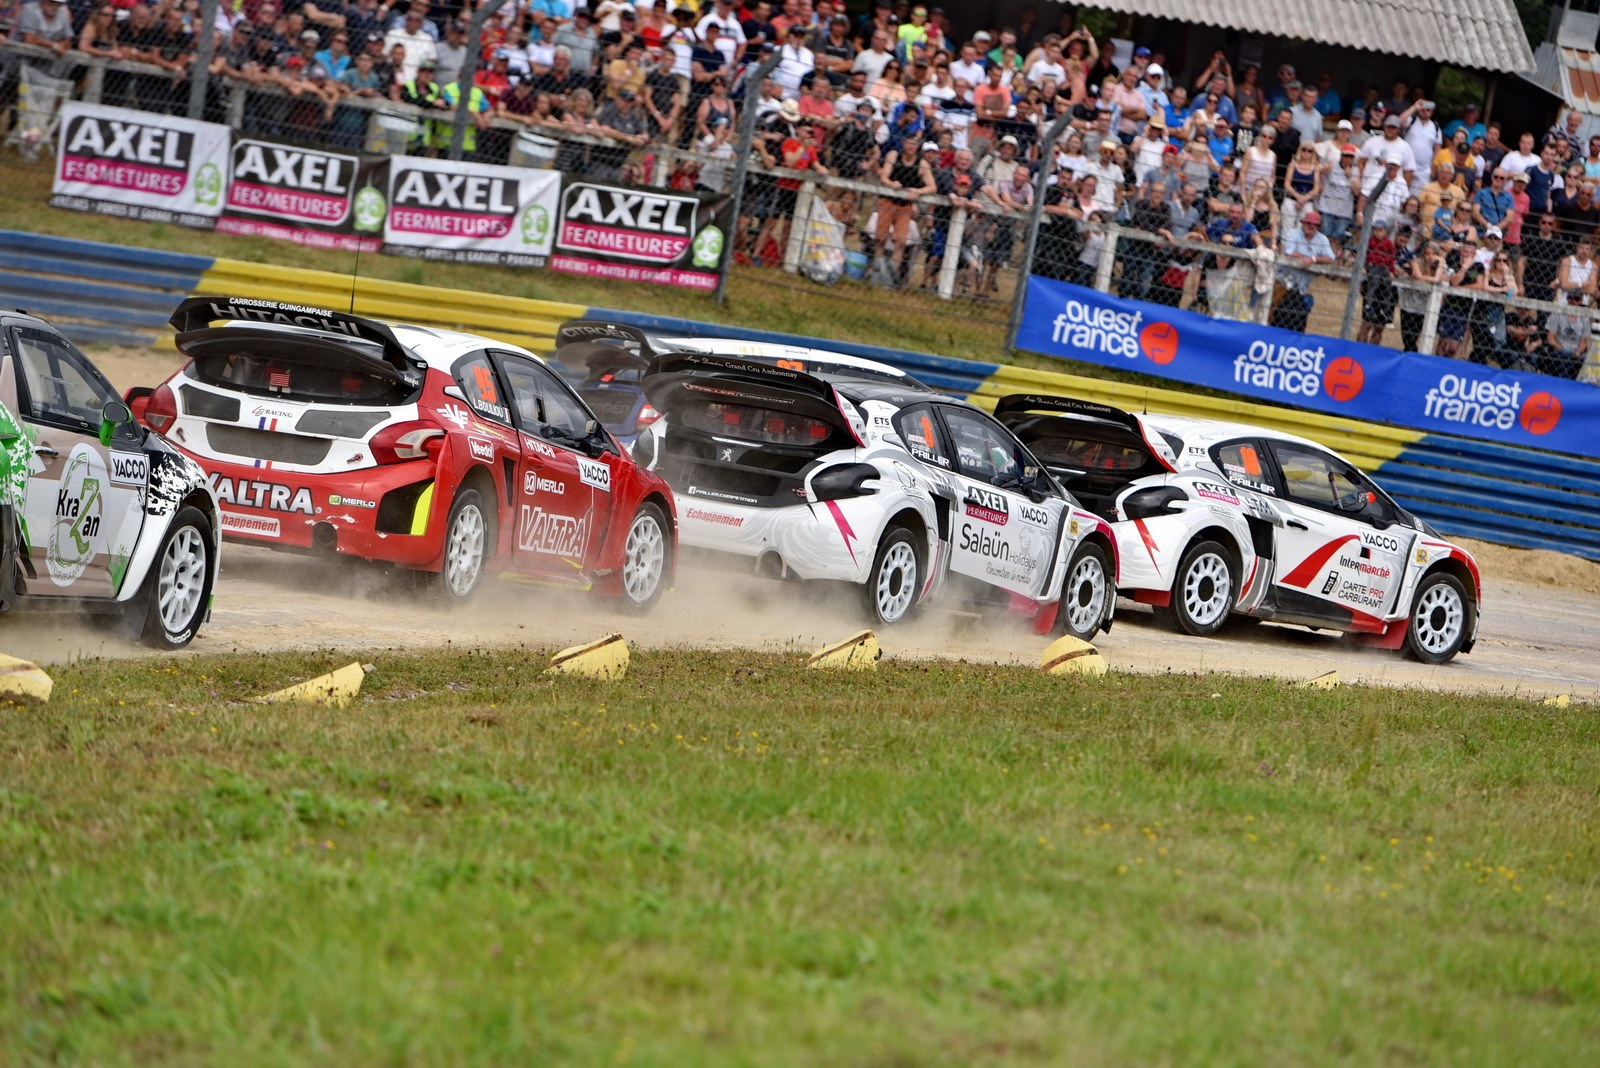 Fabien et Jonathan Pailler se disputent la premiere place au Rallycross de Kerlabo